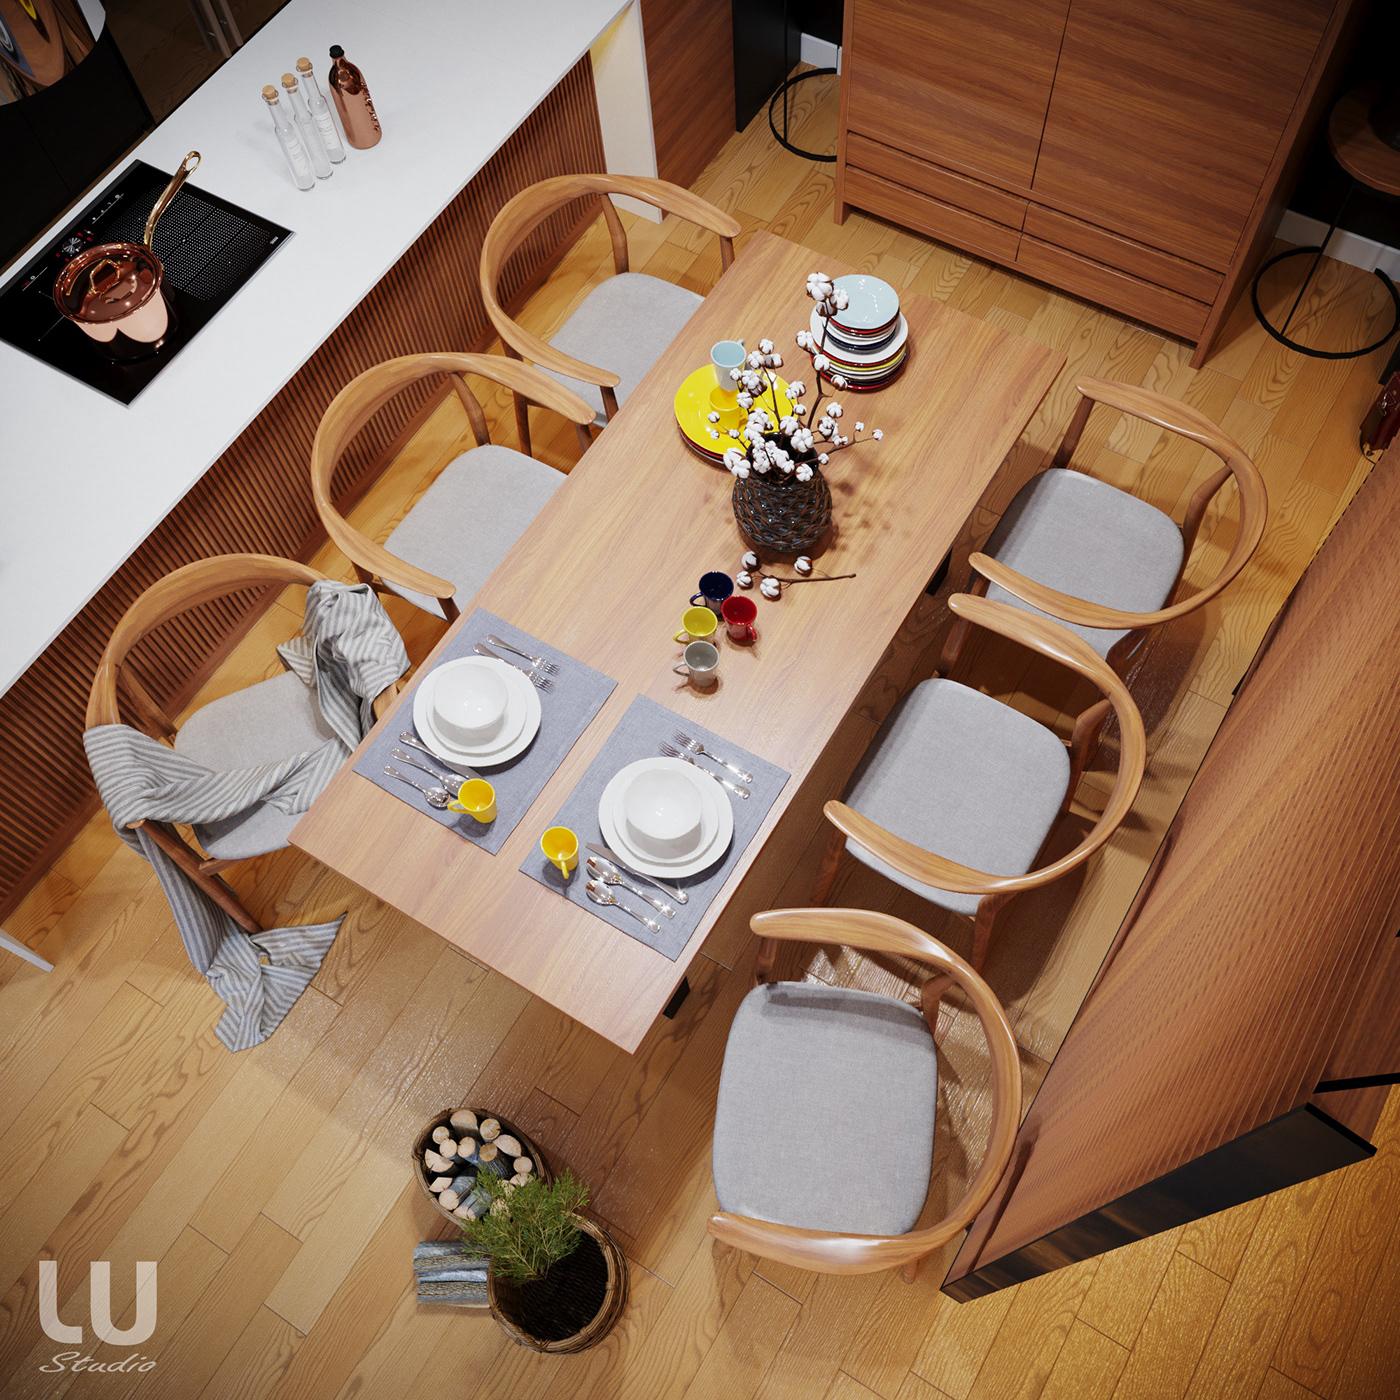 thiết kế nội thất chung cư tại Hà Nội Căn Hộ Season Avennue Phong Cách Hiện Đại - HN 9 1533263020